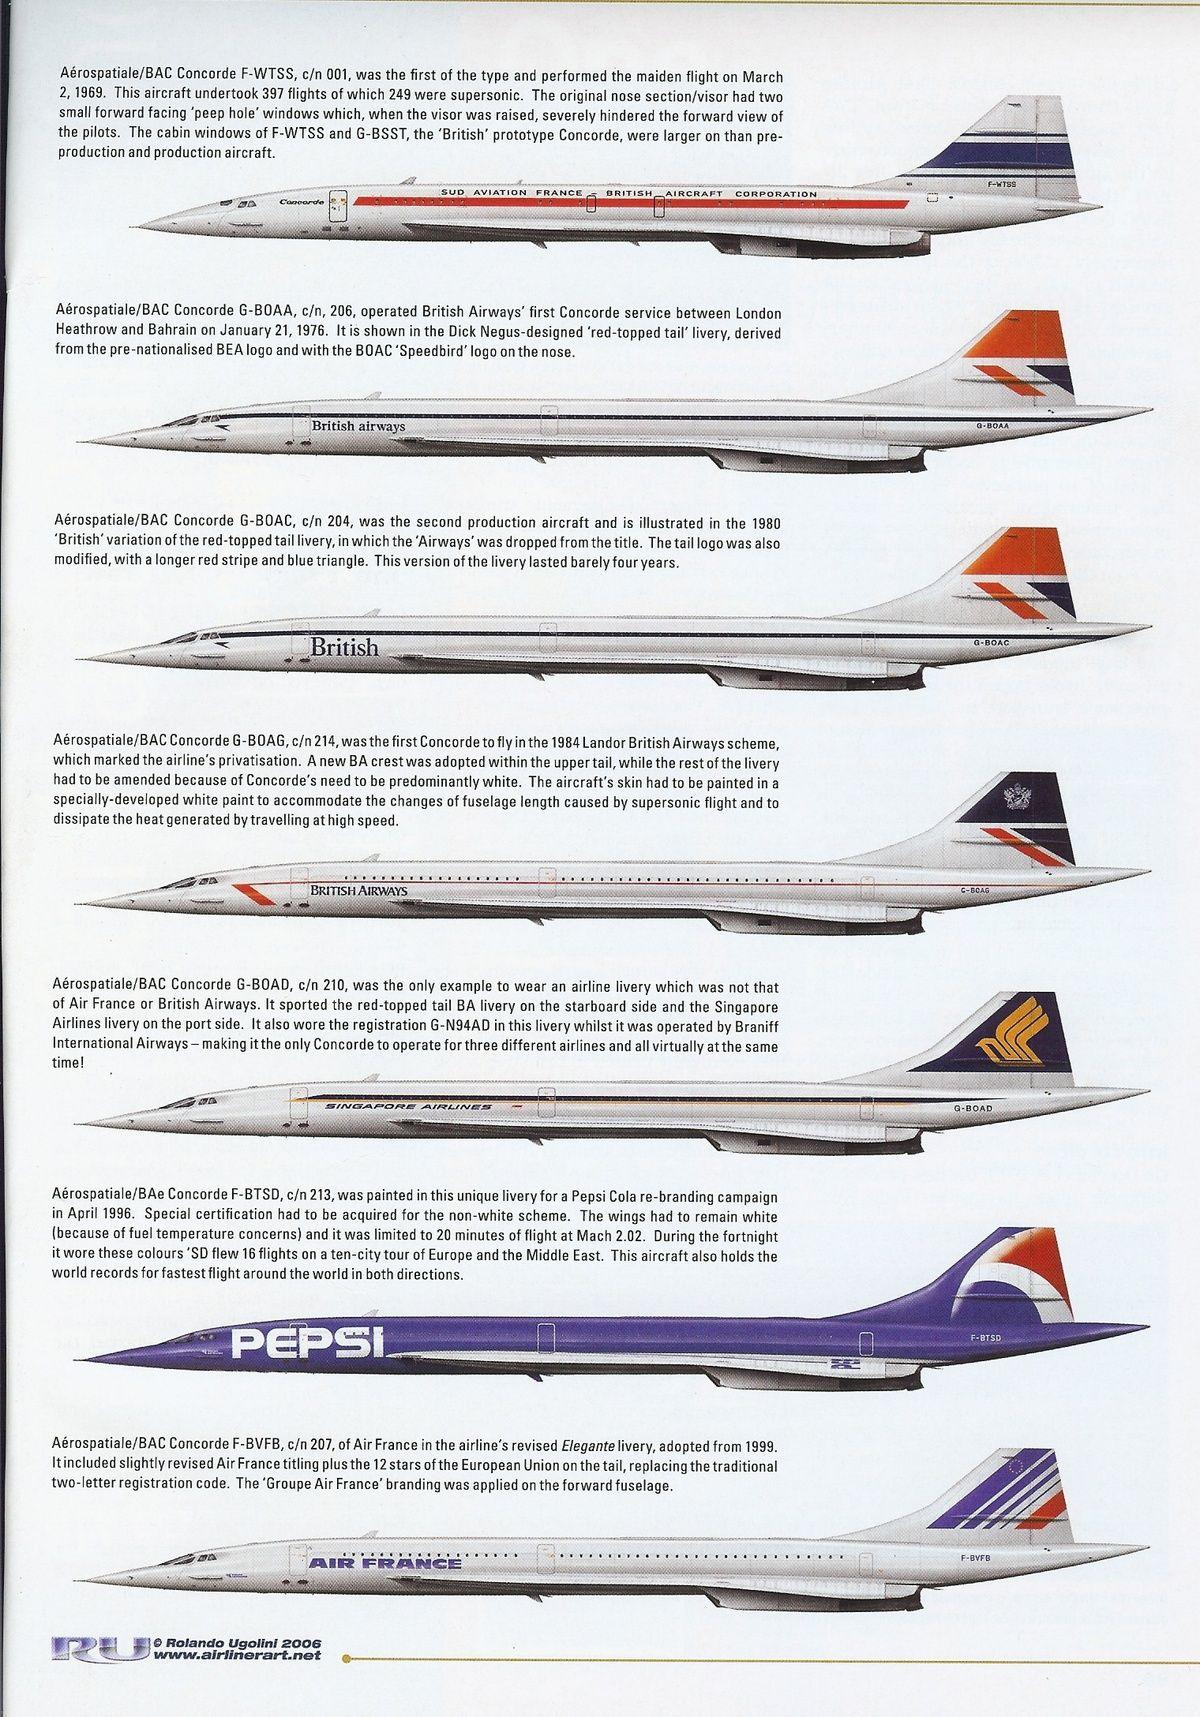 90d3f8f525b947e2605d76ceea021d87 Jpg 1 200 1 717 Pixels Concorde